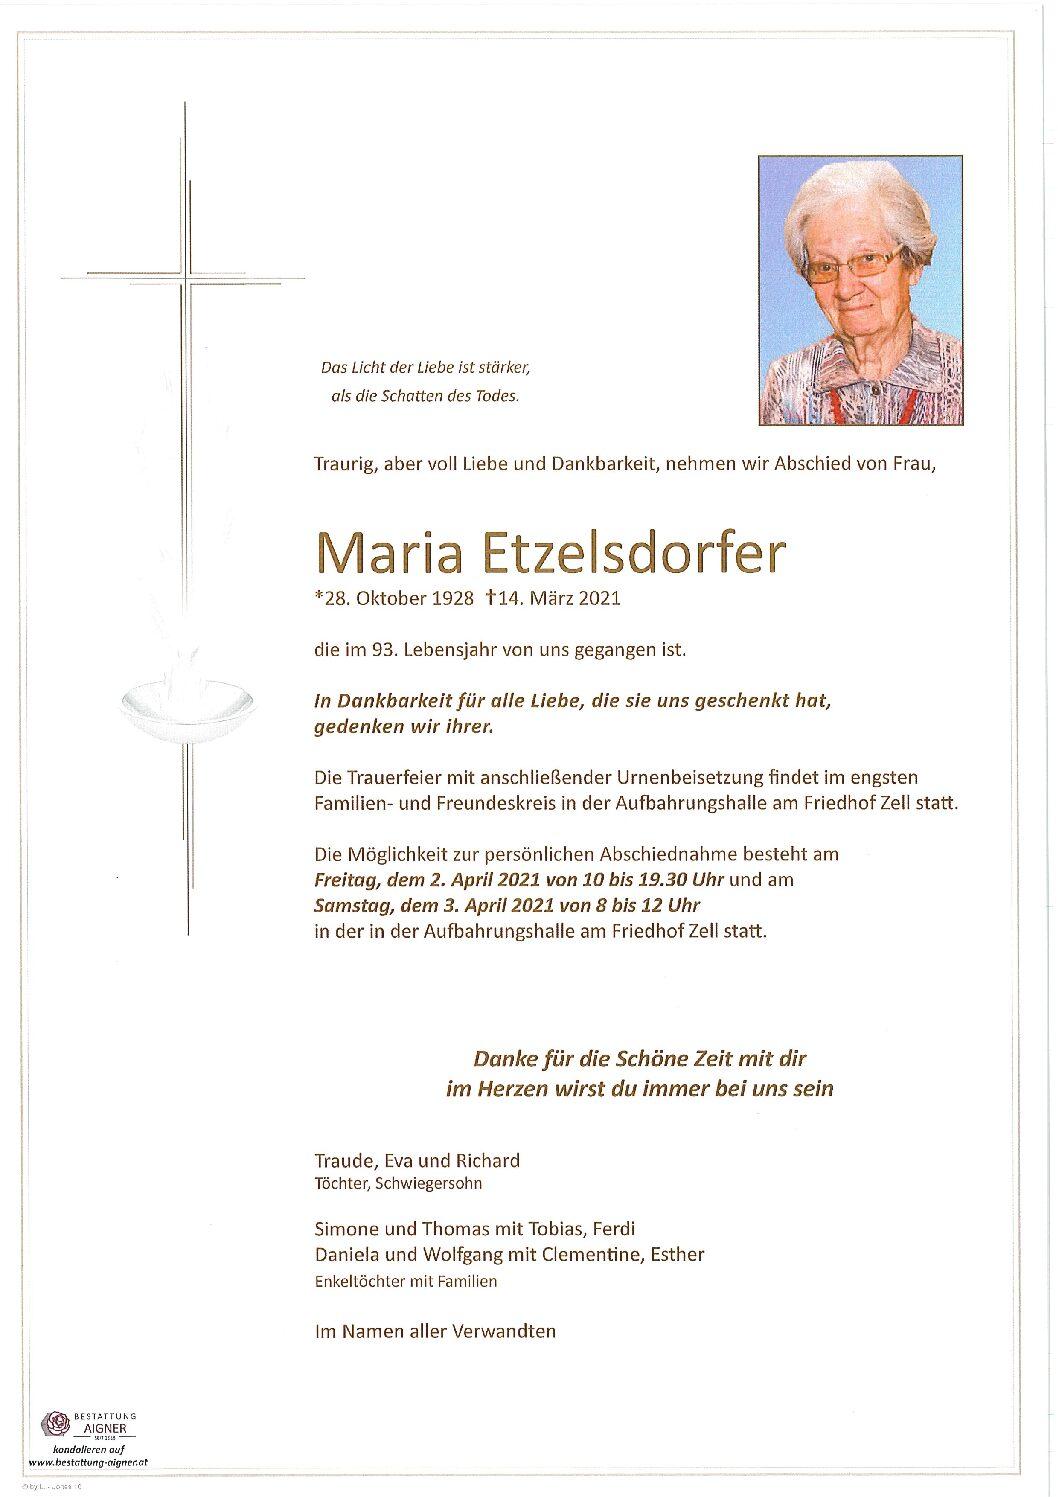 Maria Etzelsdorfer